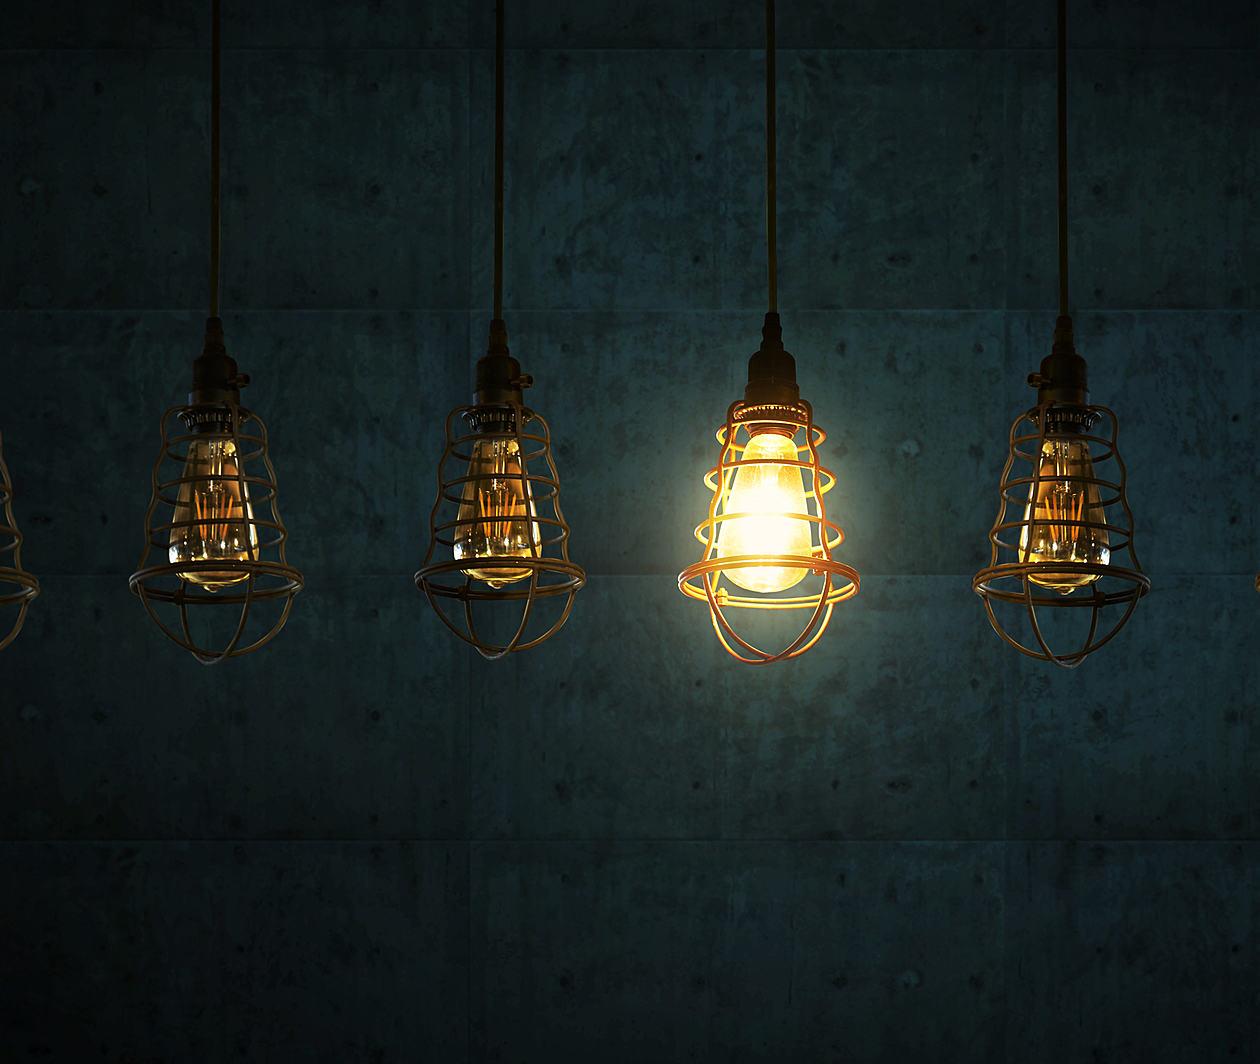 Perspectives on Entrepreneurship